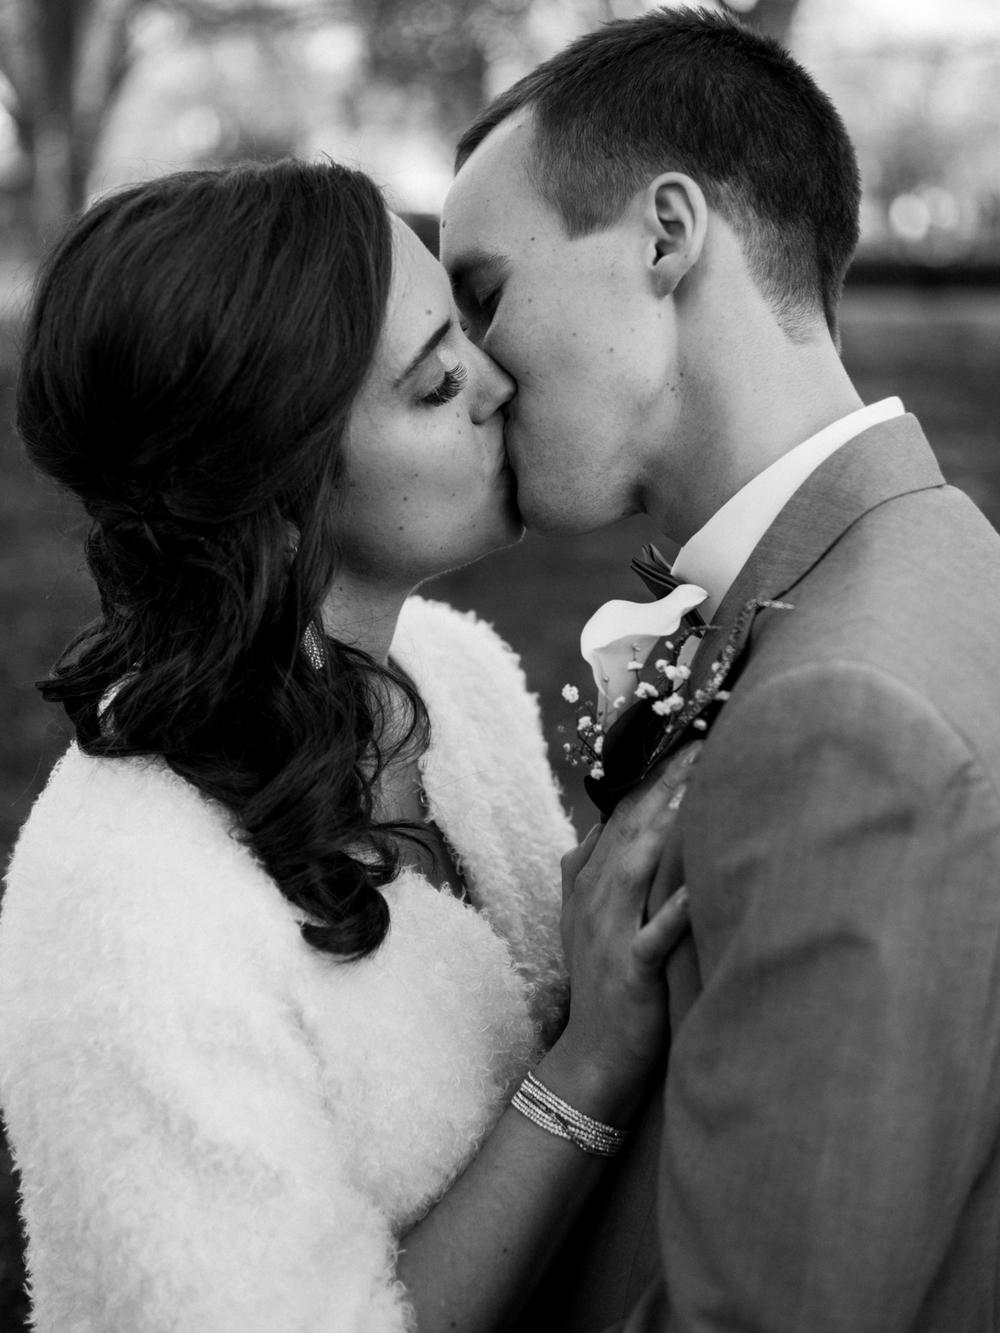 Garden City Wedding Photographer - Neal Dieker - Wichita, Kansas Wedding Photographer-173.jpg